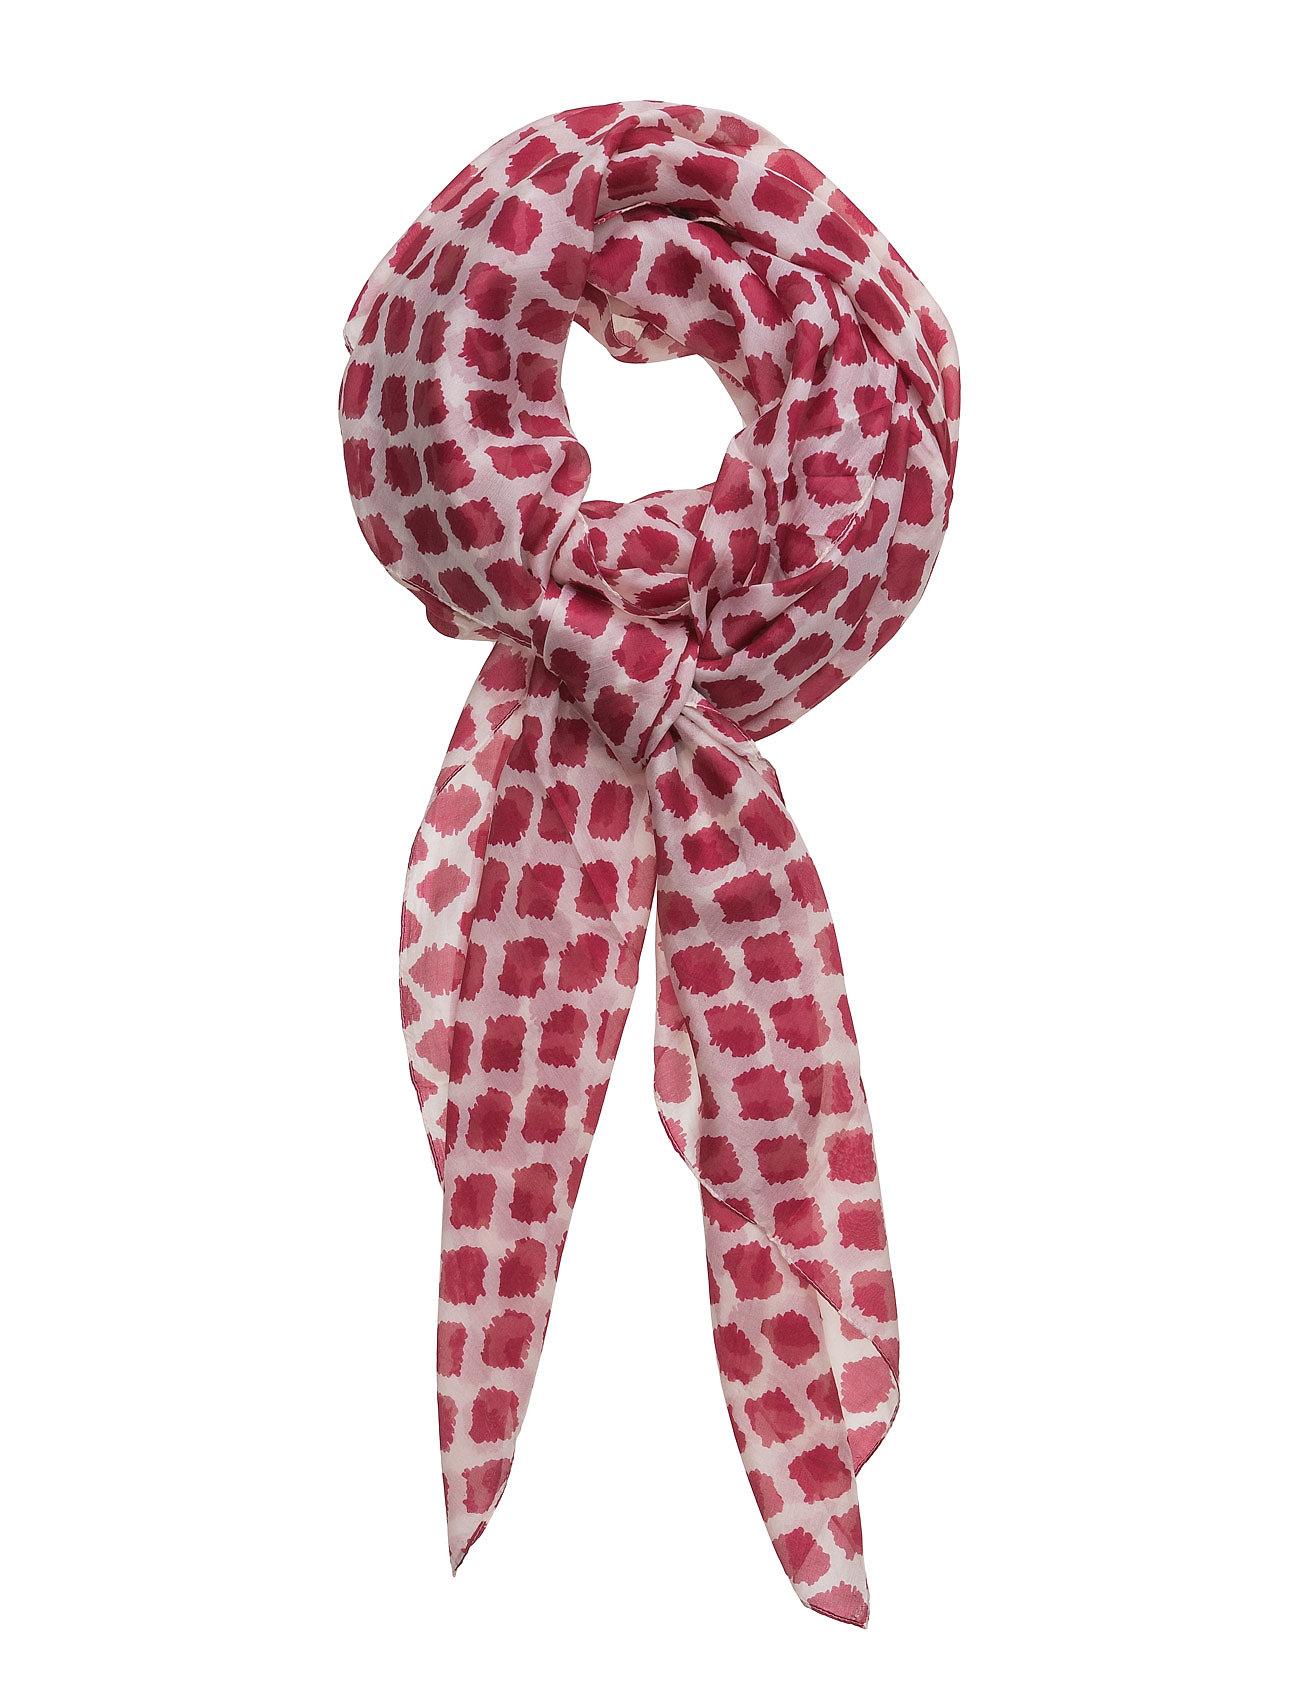 Scarf United Colors of Benetton Halstørklæder til Damer i